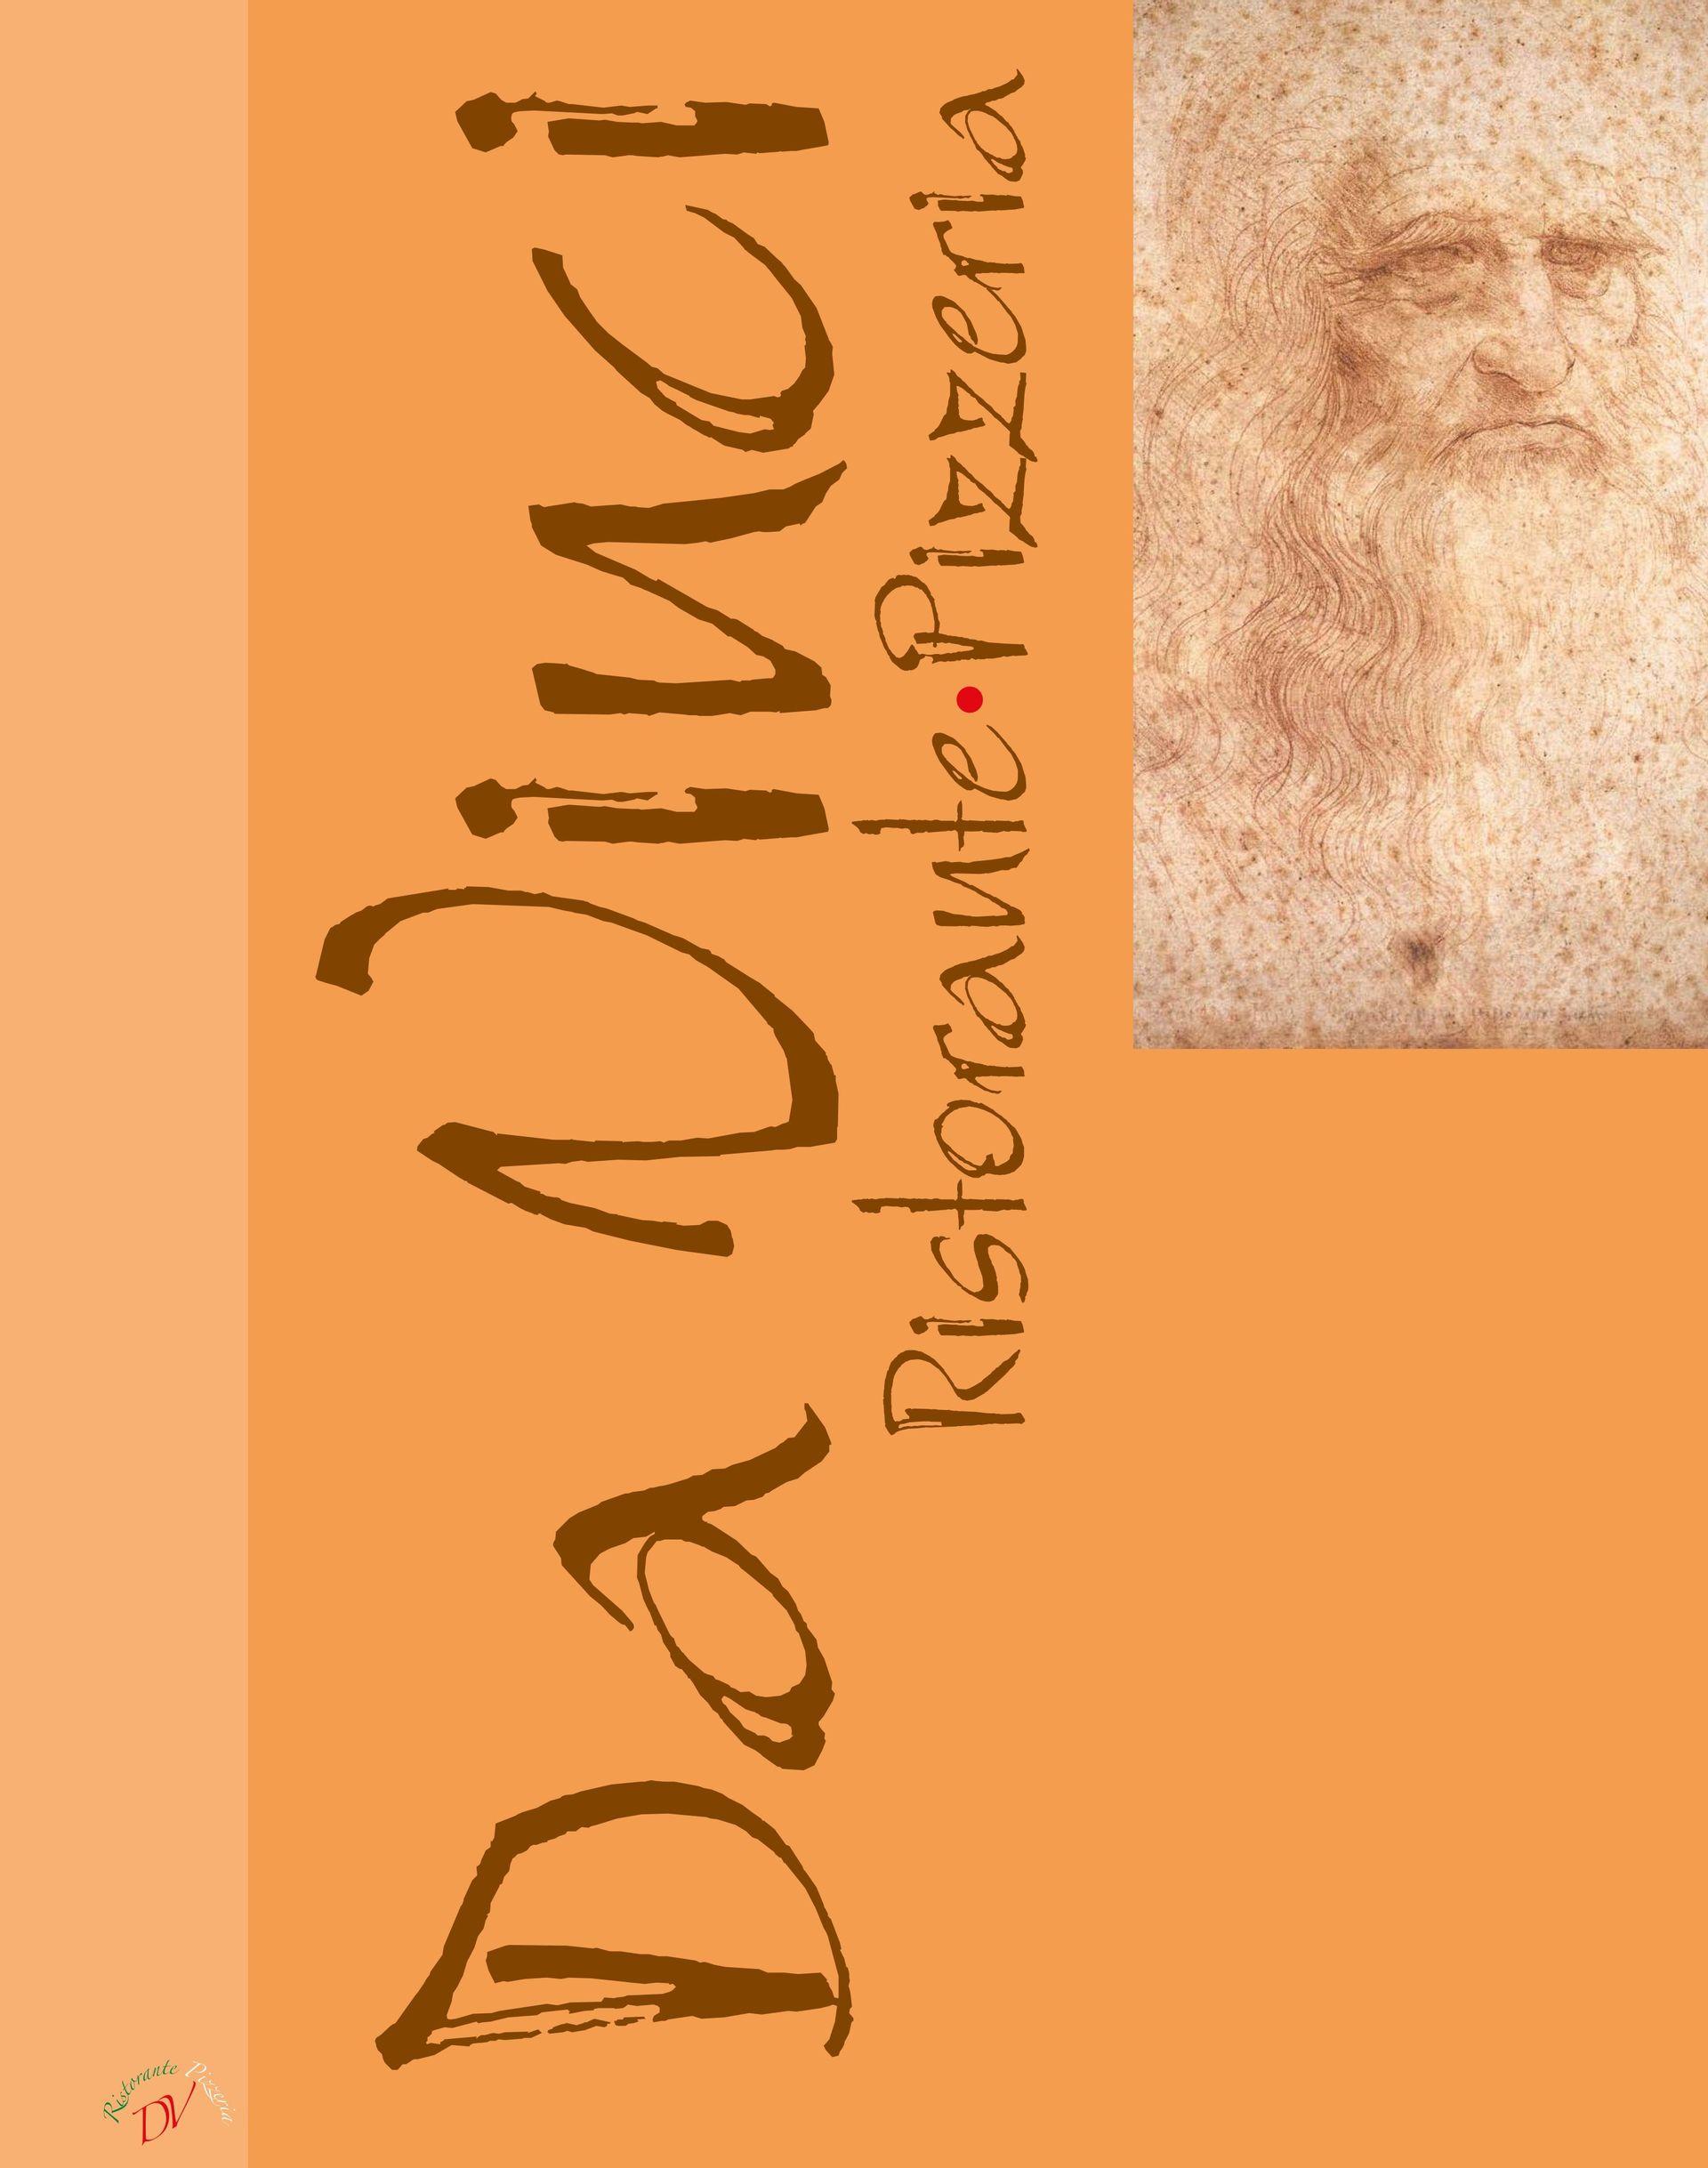 Unsere Speisekarte | Ristorante Da Vinci